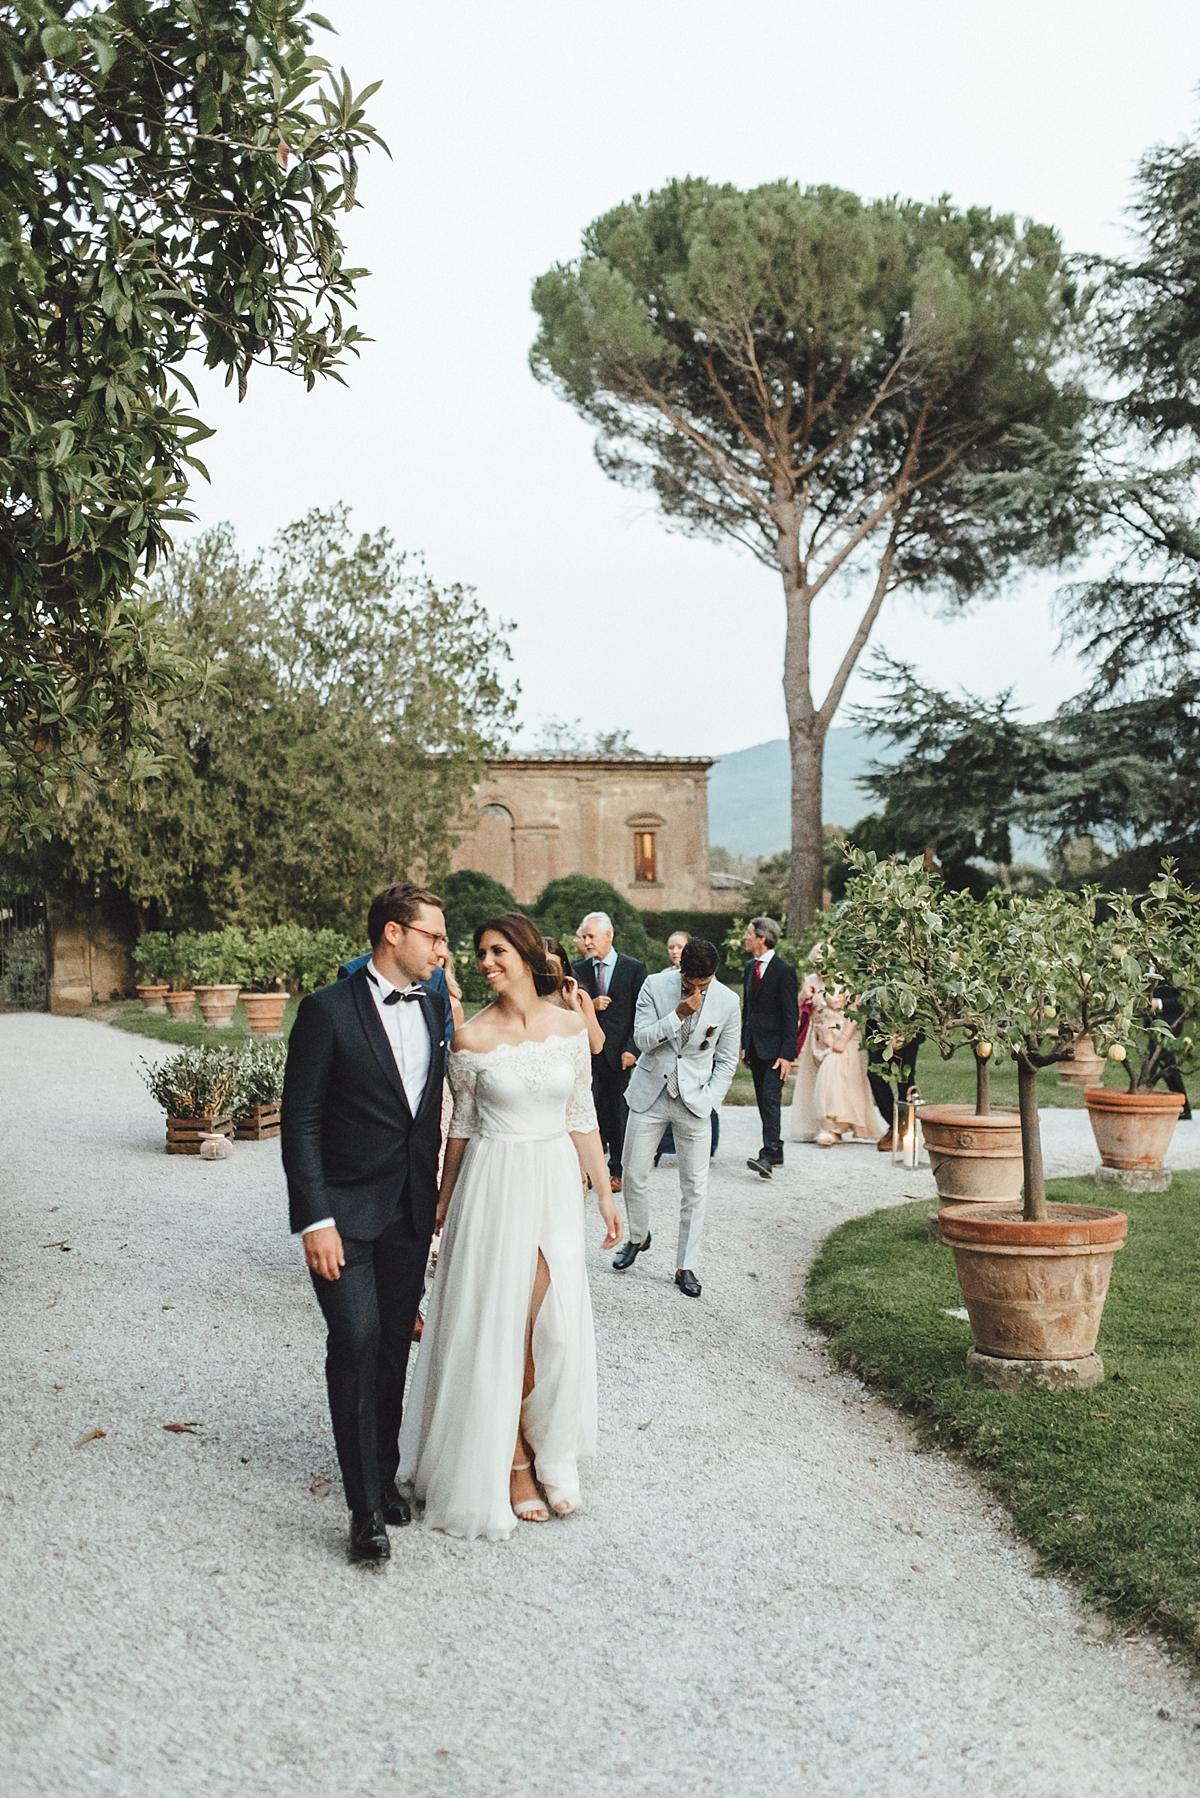 hochzeitsfotograf toskana Kristina & Daniel Mediterrane Toskana Hochzeithochzeitsfotograf toskana italien 2219